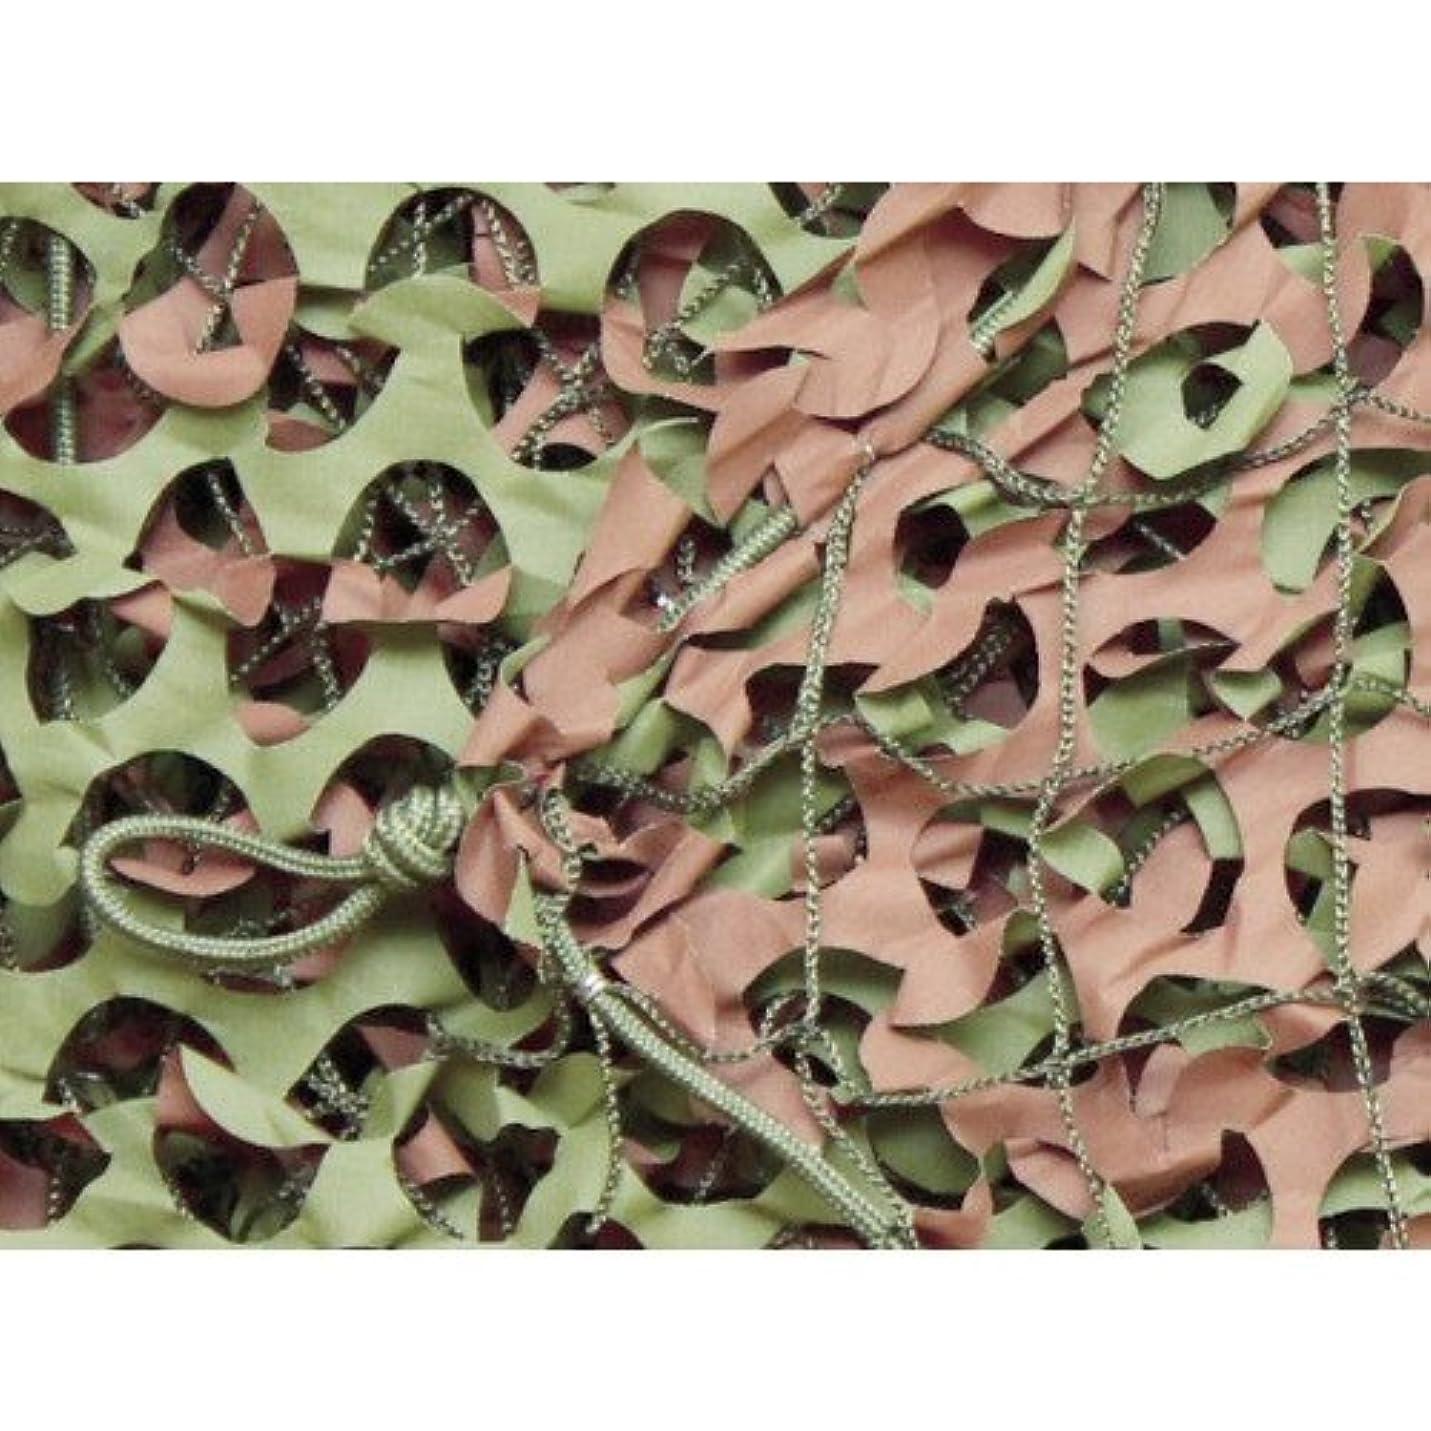 白い変換フレキシブルトラスコ中山 CAMO ベーシック レギュラーXミリタリー グリーン&ブラウン 1.8mX6m WM13